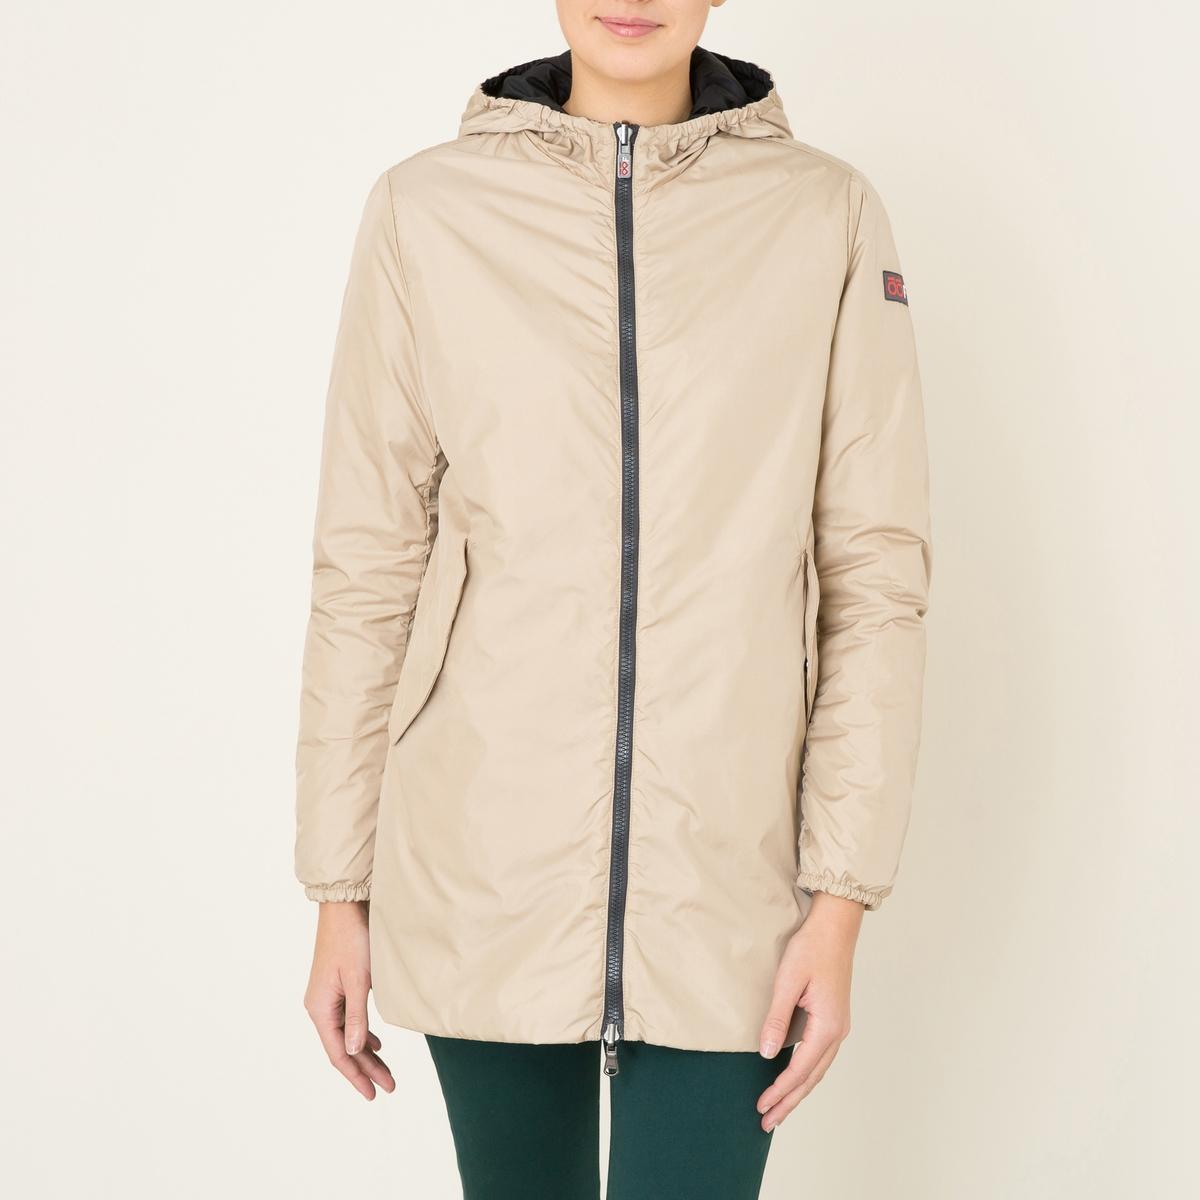 Куртка женская средней длиныСостав и описание Материал : 100% полиамидПодкладка из 100% полиамида Наполнитель 60 грамм, 100% полиэстерМарка : OOF<br><br>Цвет: бежевый/ черный